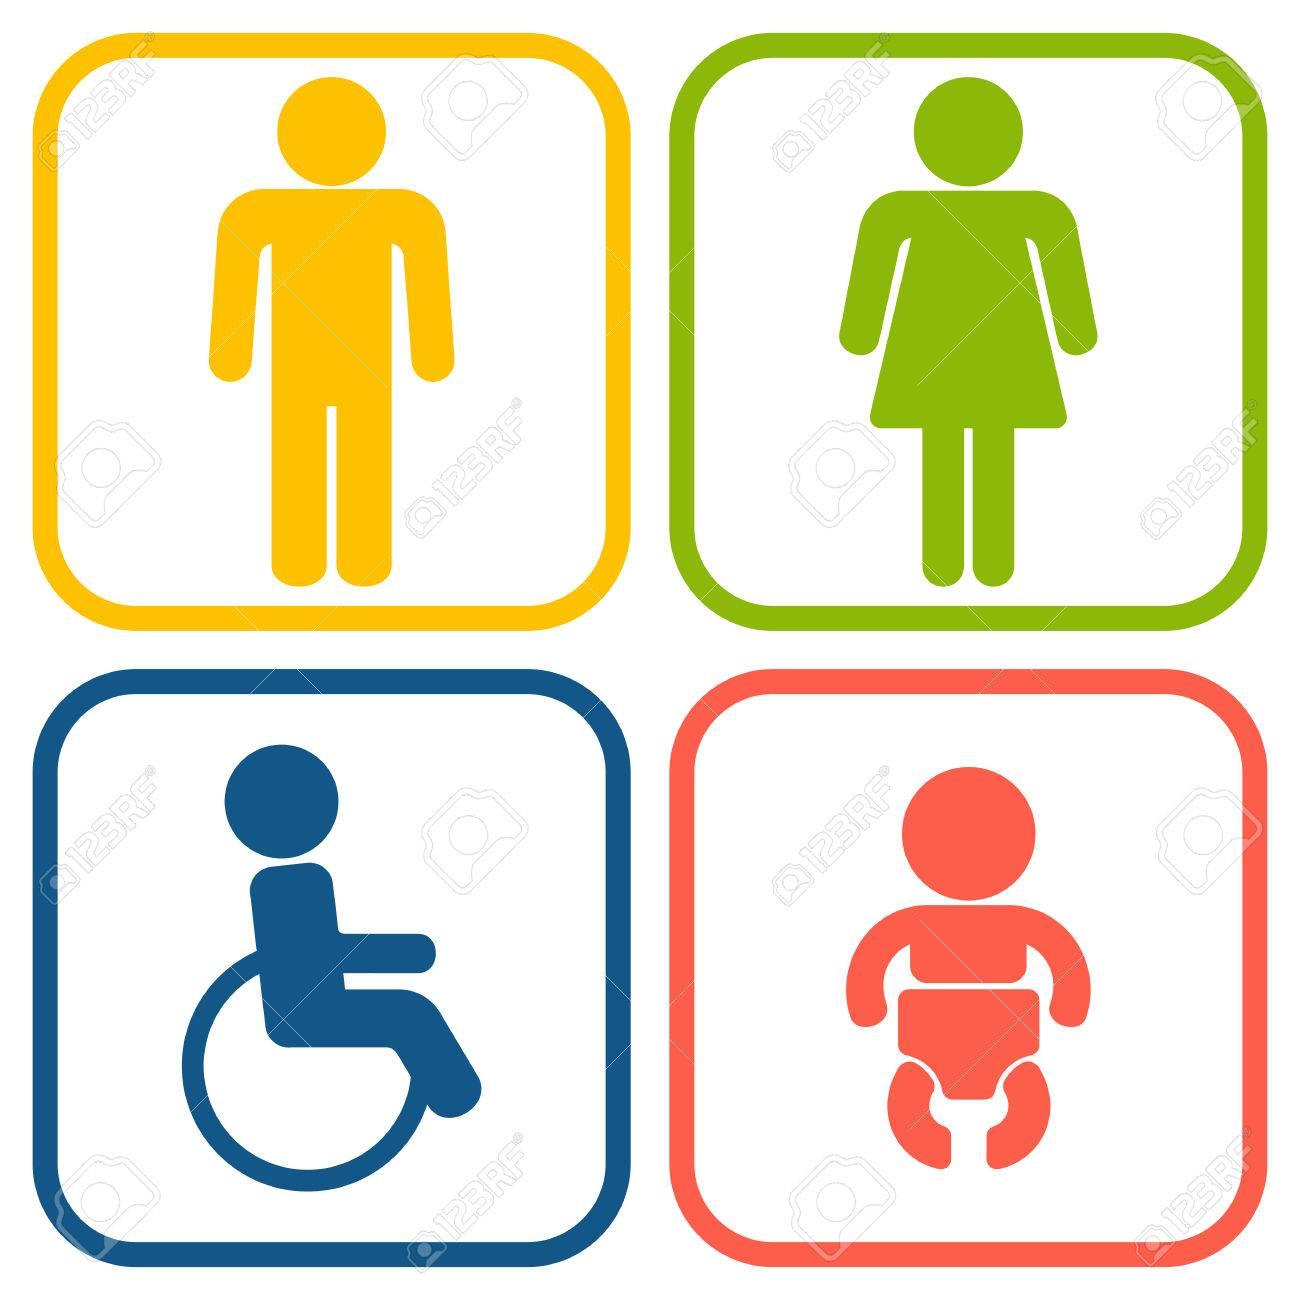 https://previews.123rf.com/images/bonumopus/bonumopus1612/bonumopus161201428/68028962-set-di-4-icone-per-il-bagno-e-le-icone-mobili-uomo-donna-bambino-disabilit%C3%A0-illustrazione-vettoriale.jpg